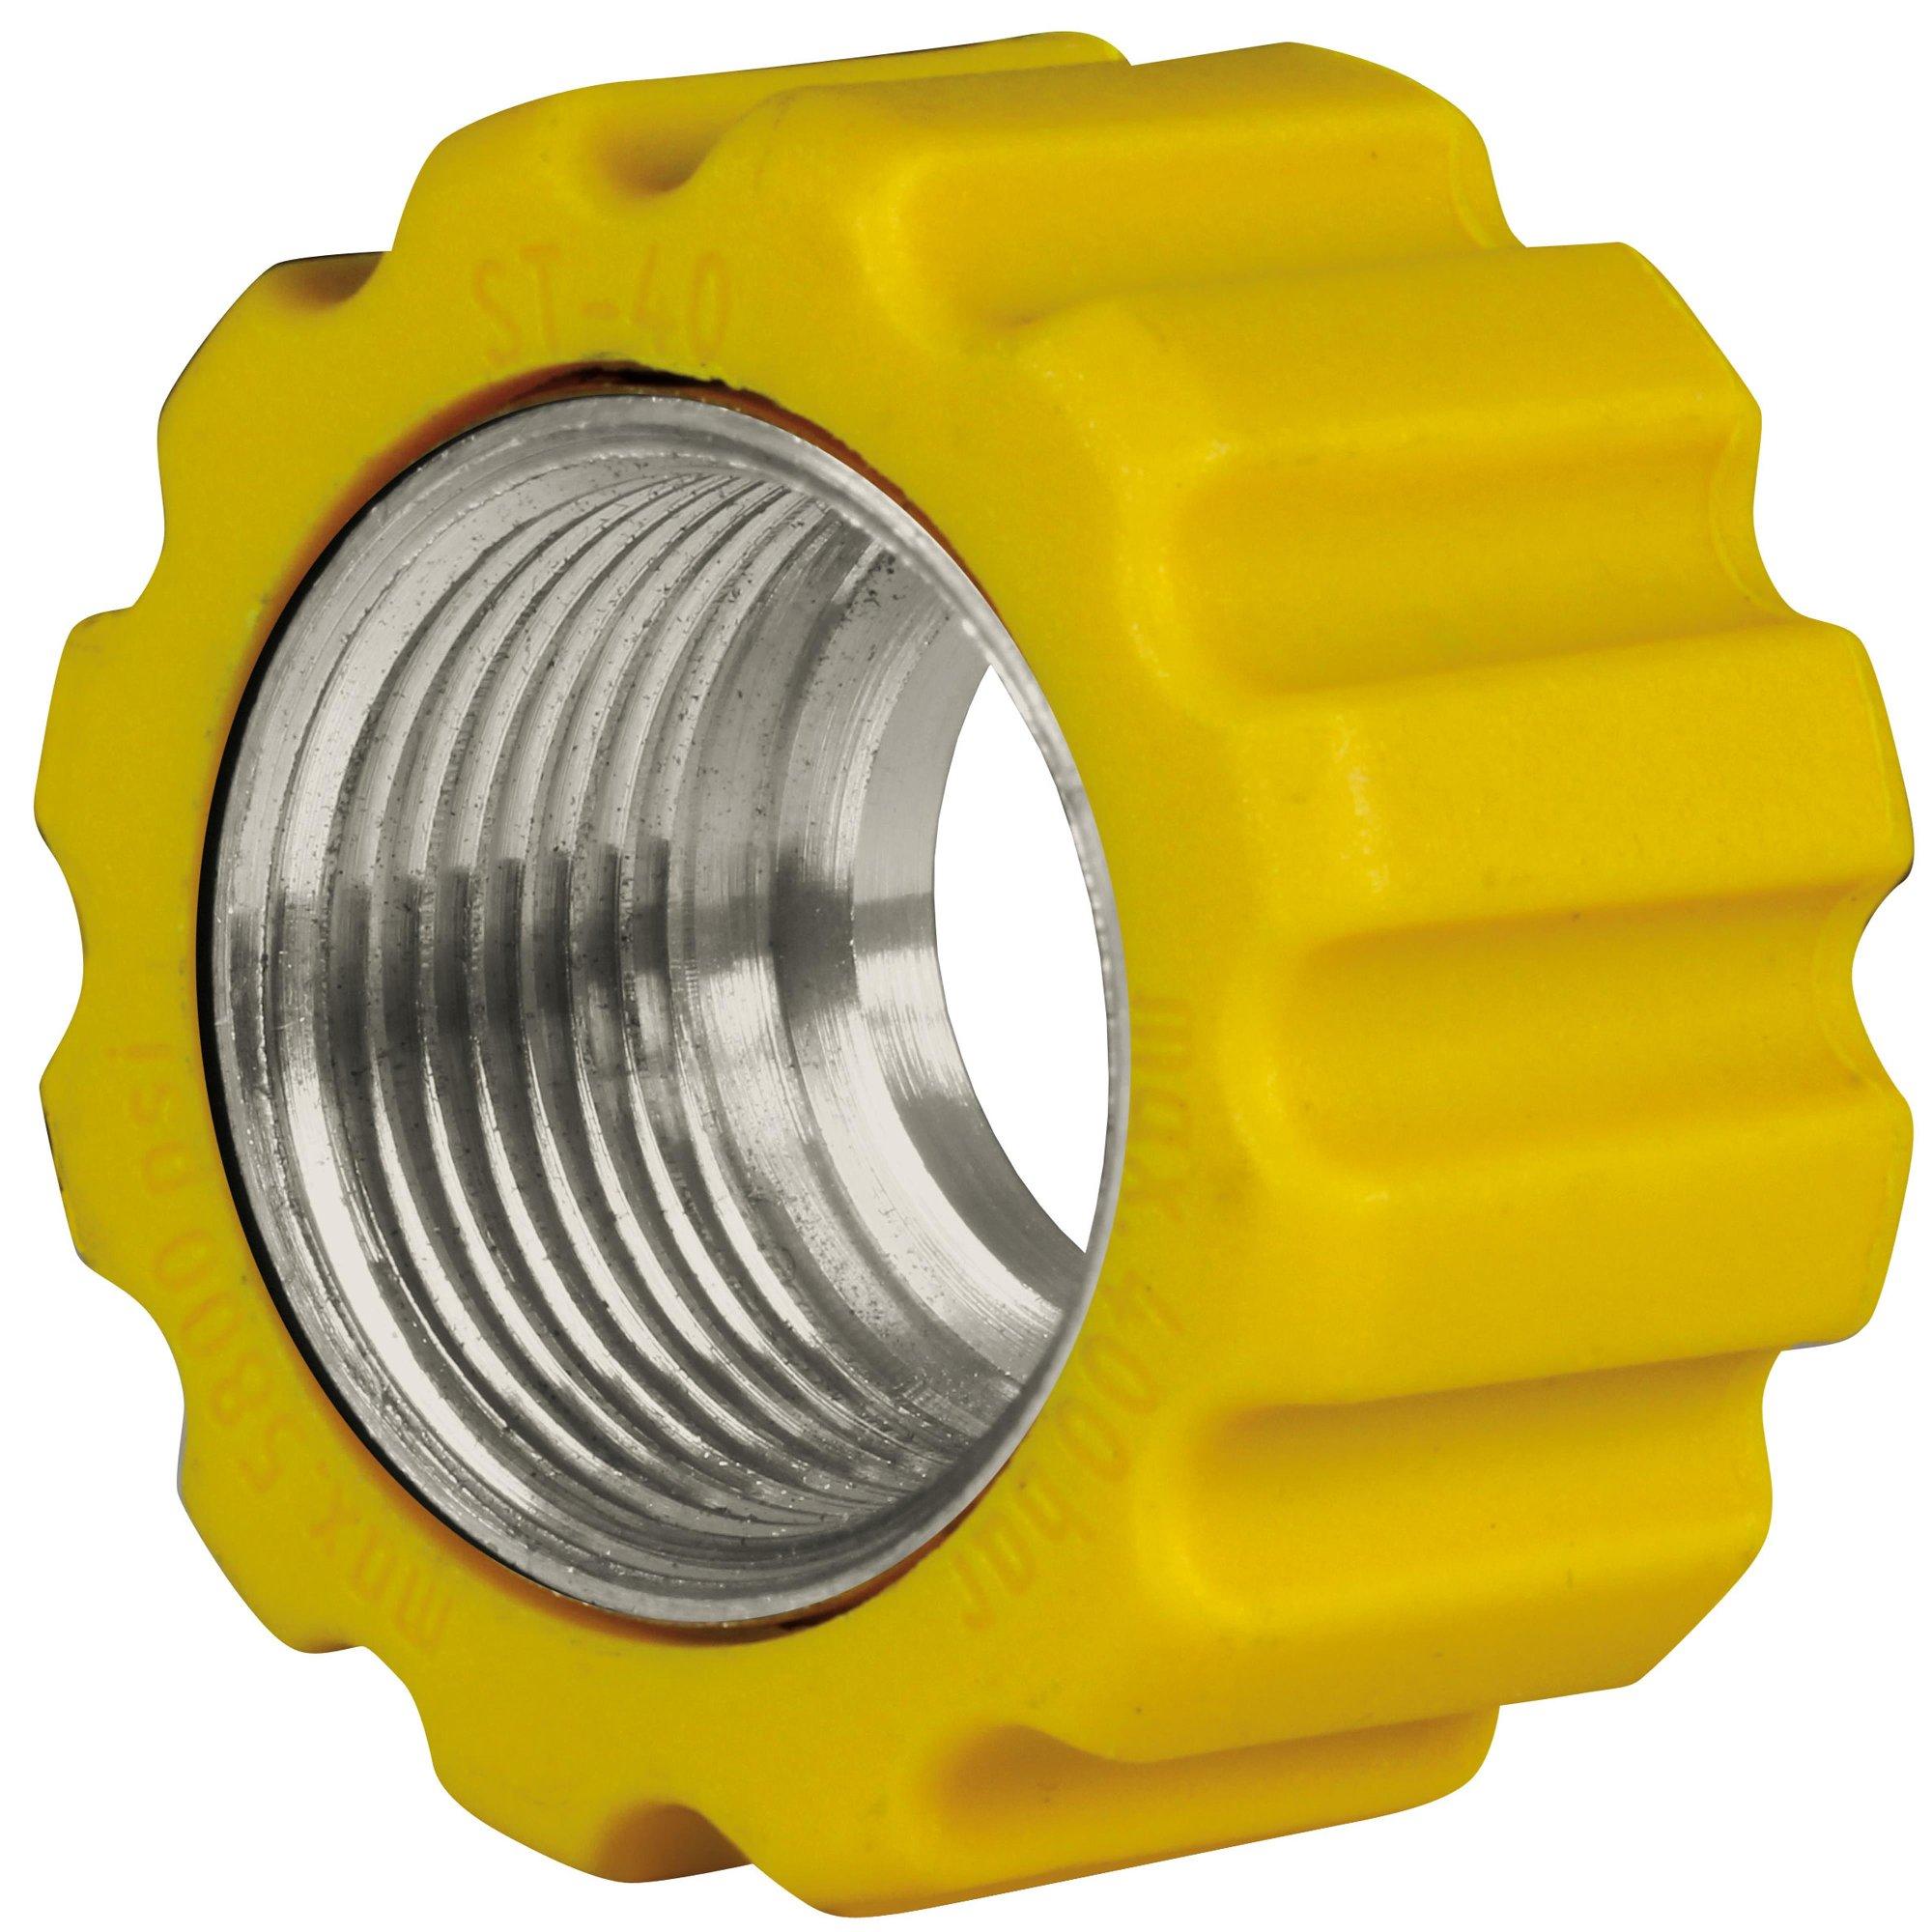 R+M de Wit Überwurfmutter 22x1,5 16,4 mm Gelb VA